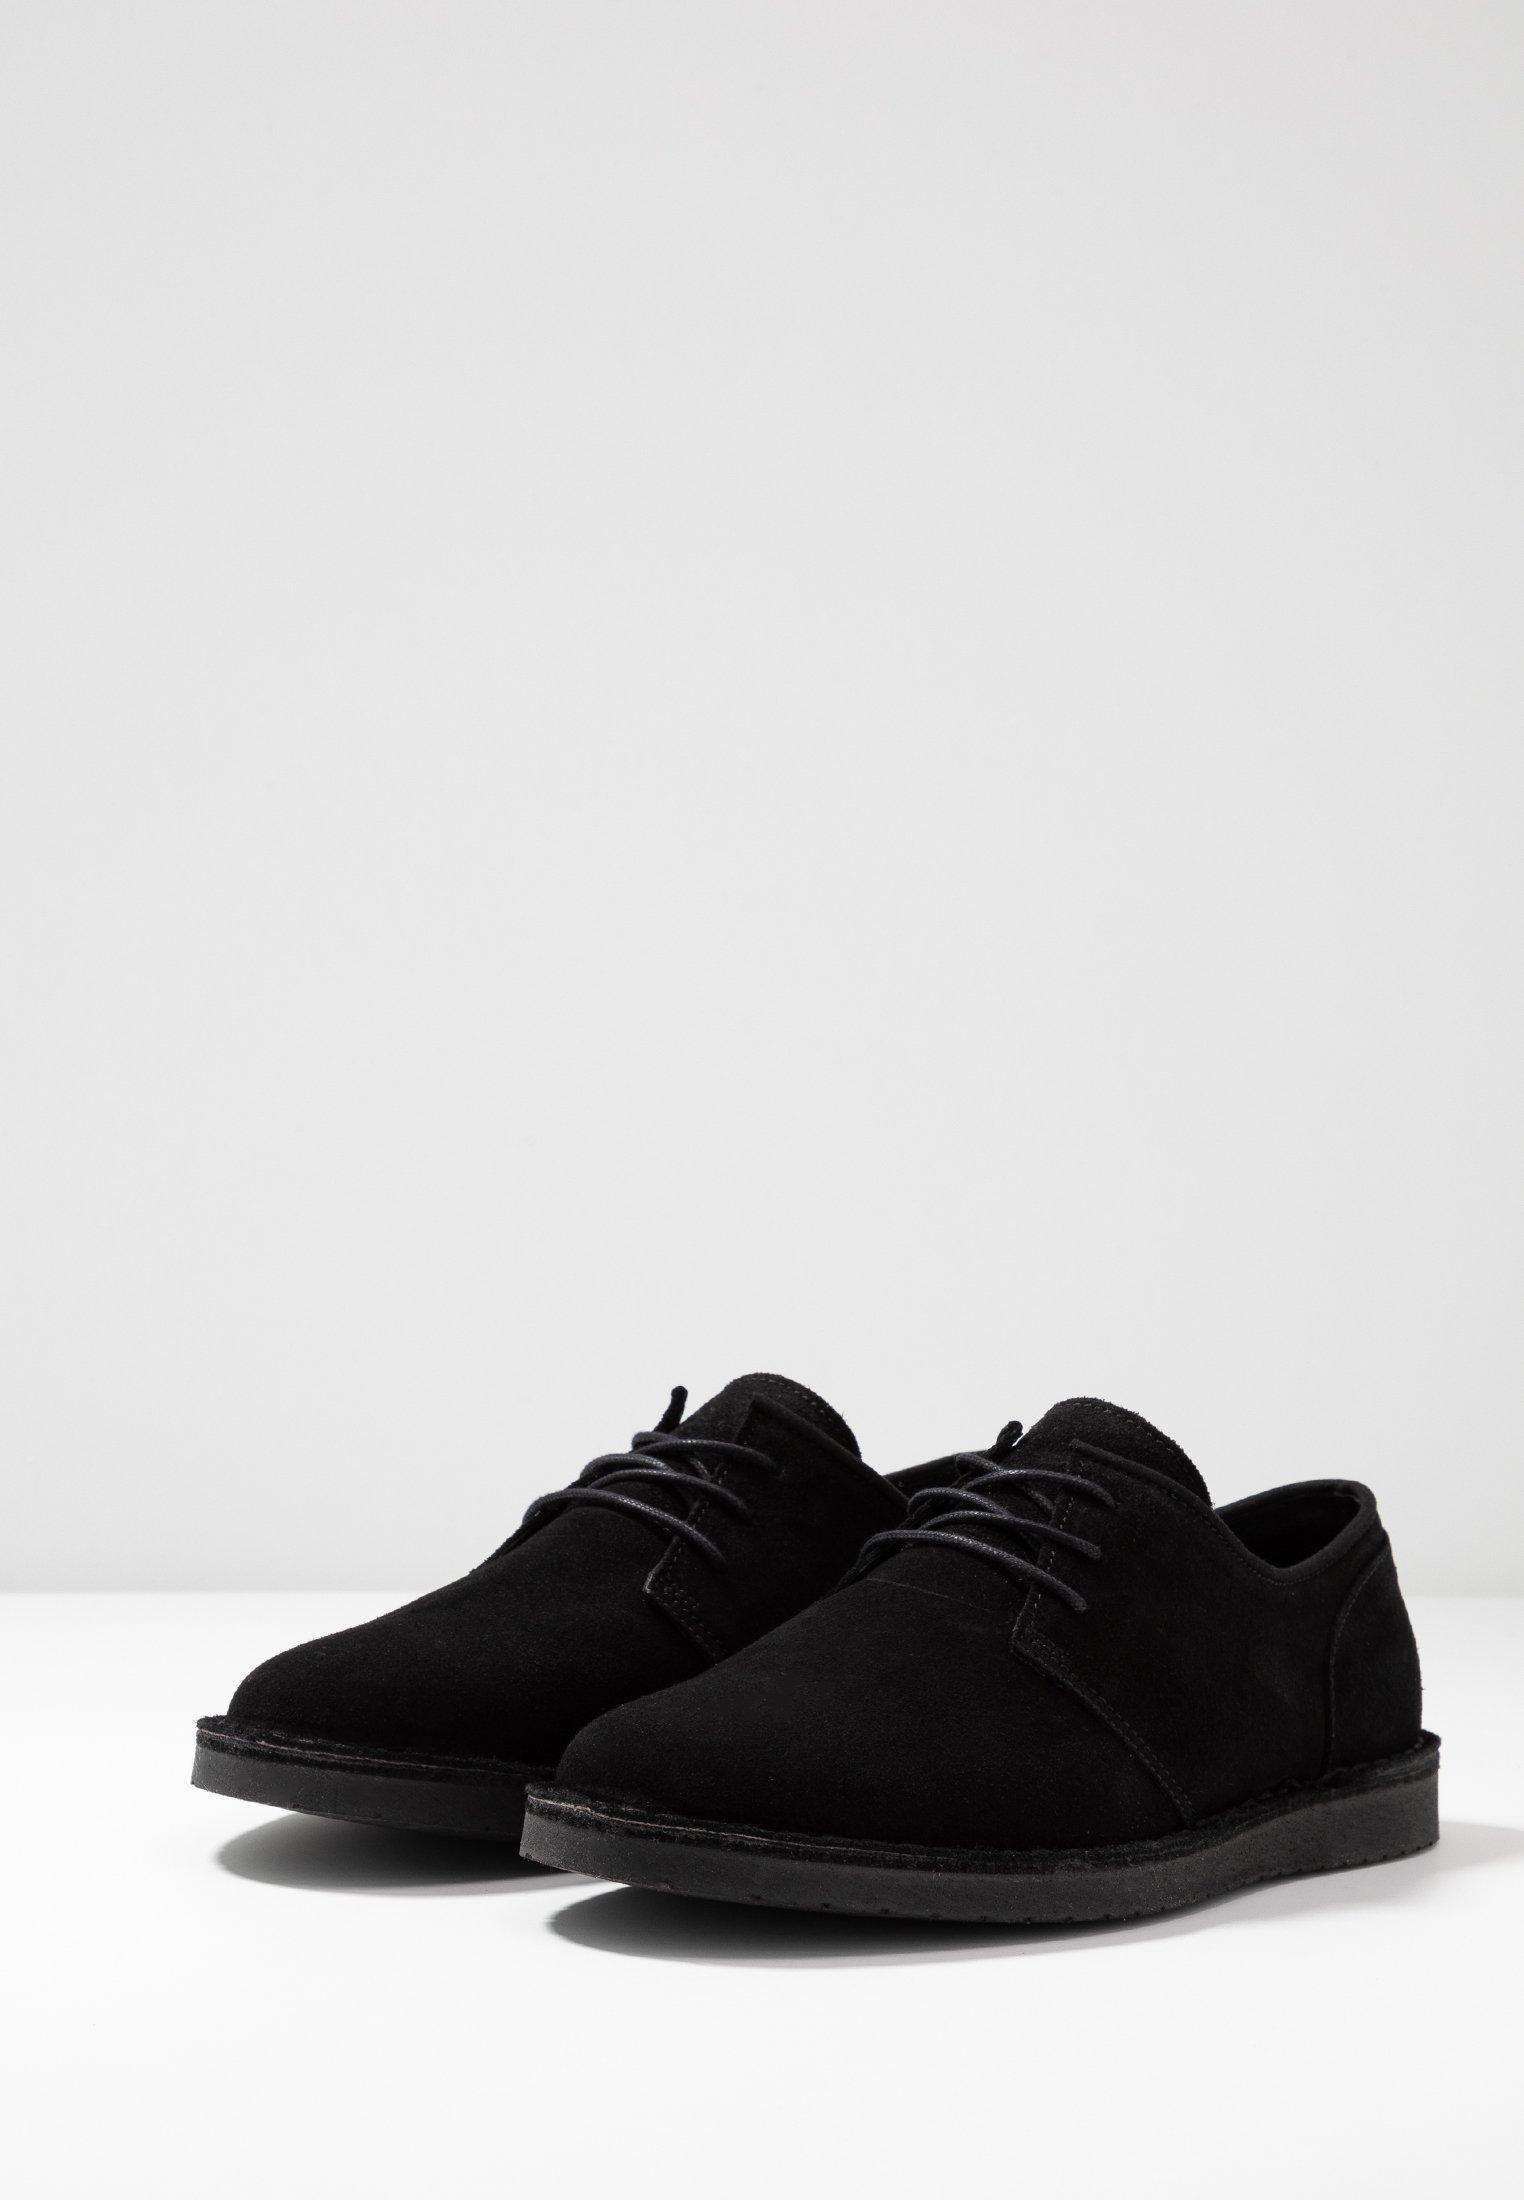 Chaussures LacetsBlack À Chaussures À Zign Zign tsQCBhrodx